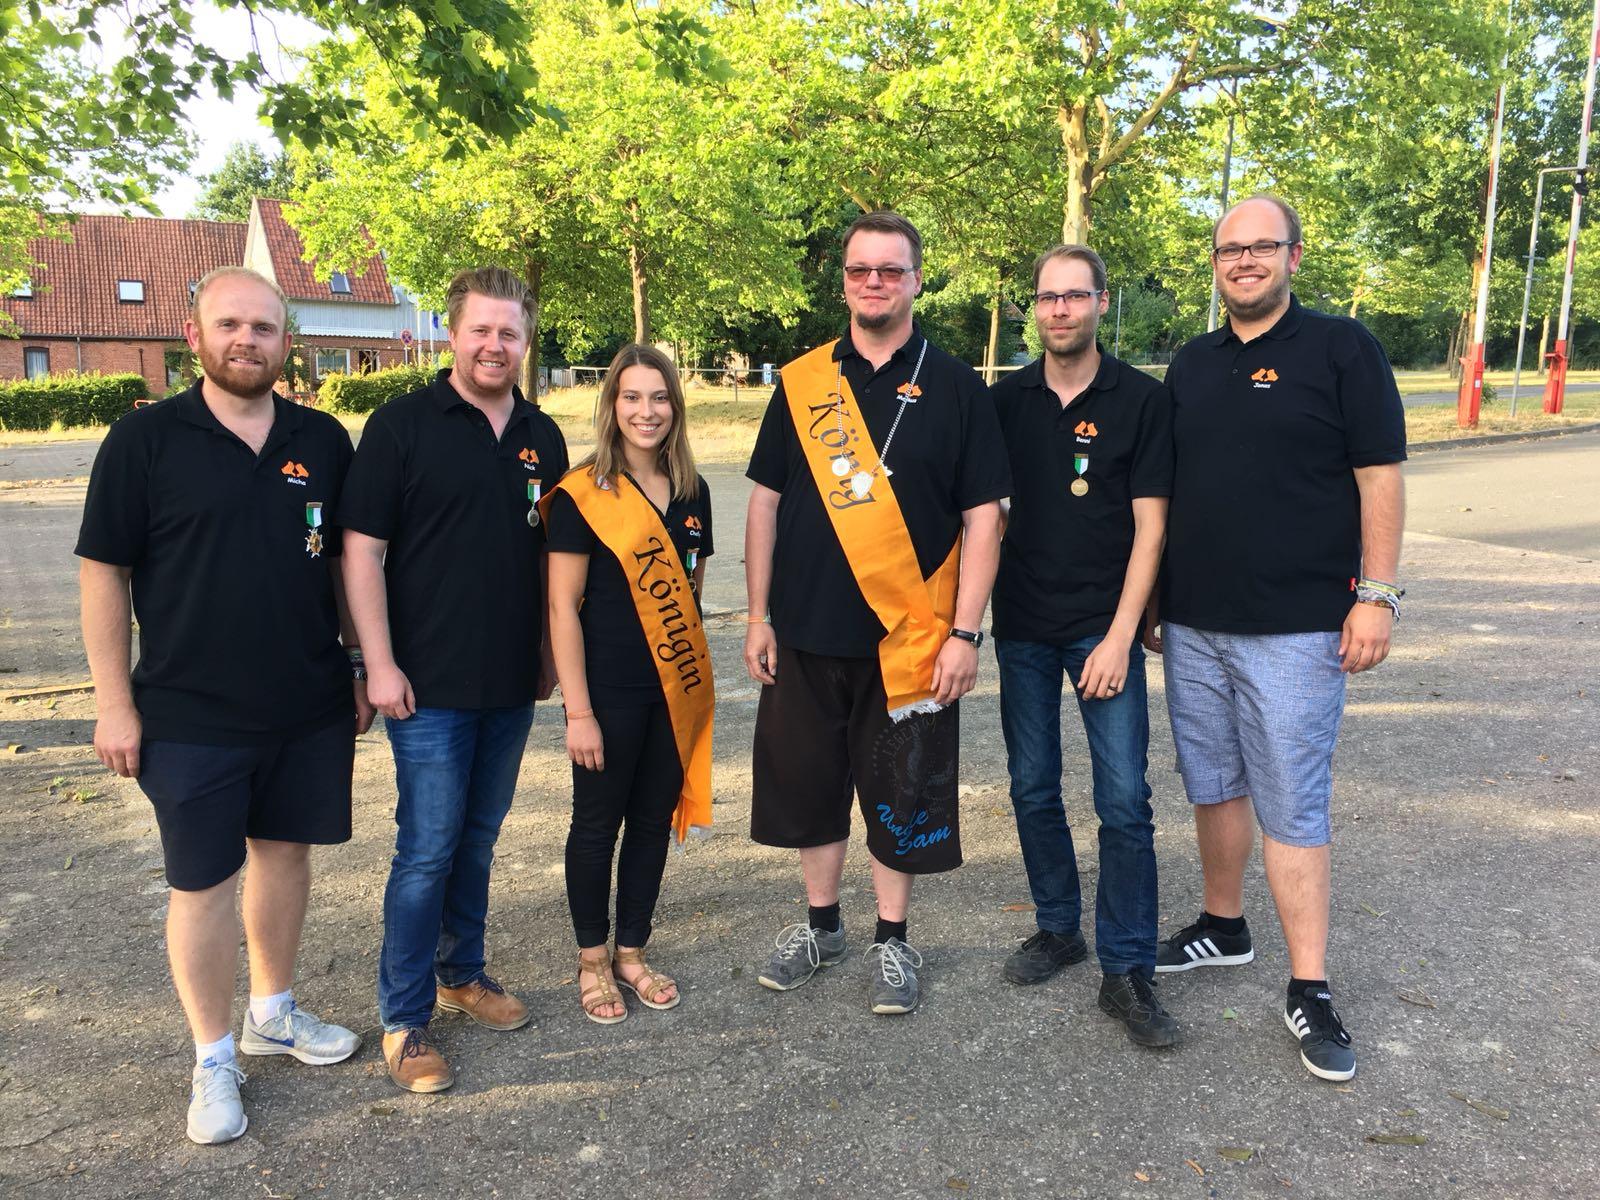 Markus, König der Schwedischen Gardinen, regiert fürs kommende Jahr